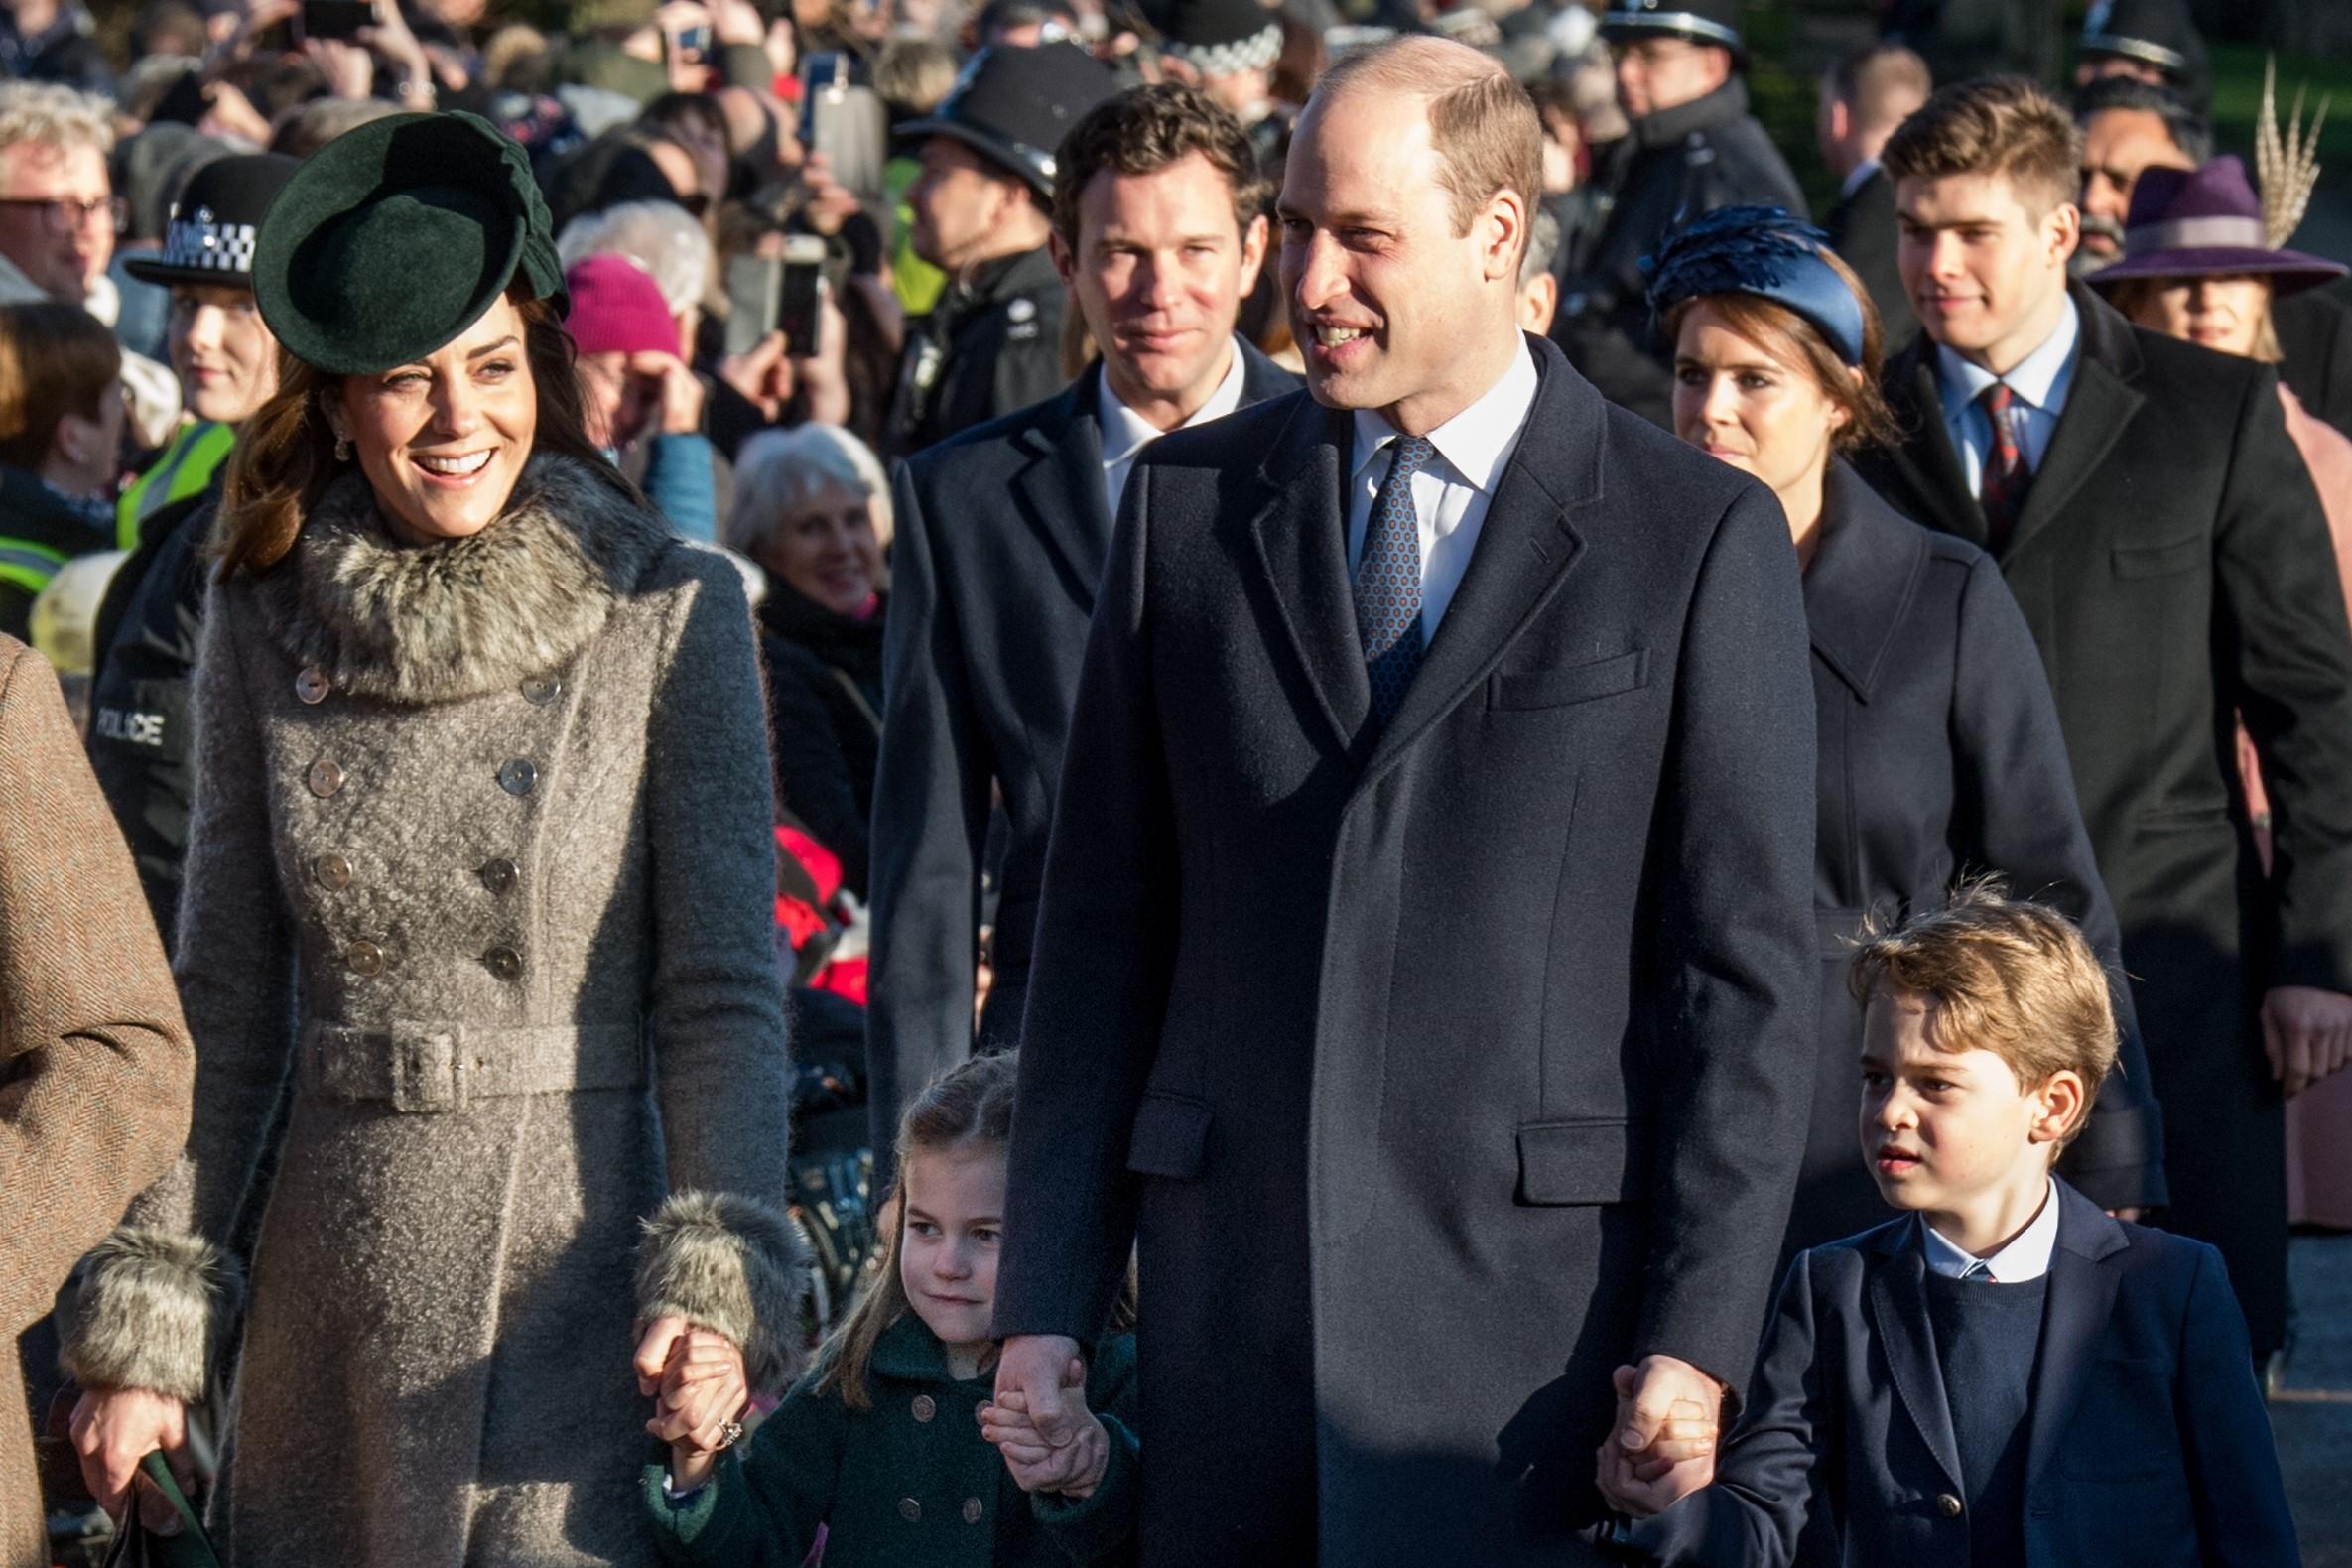 キャサリン妃、シャーロット王女、ウイリアム王子、ジョージ王子のクリスマス礼拝の様子【写真:Getty Images】